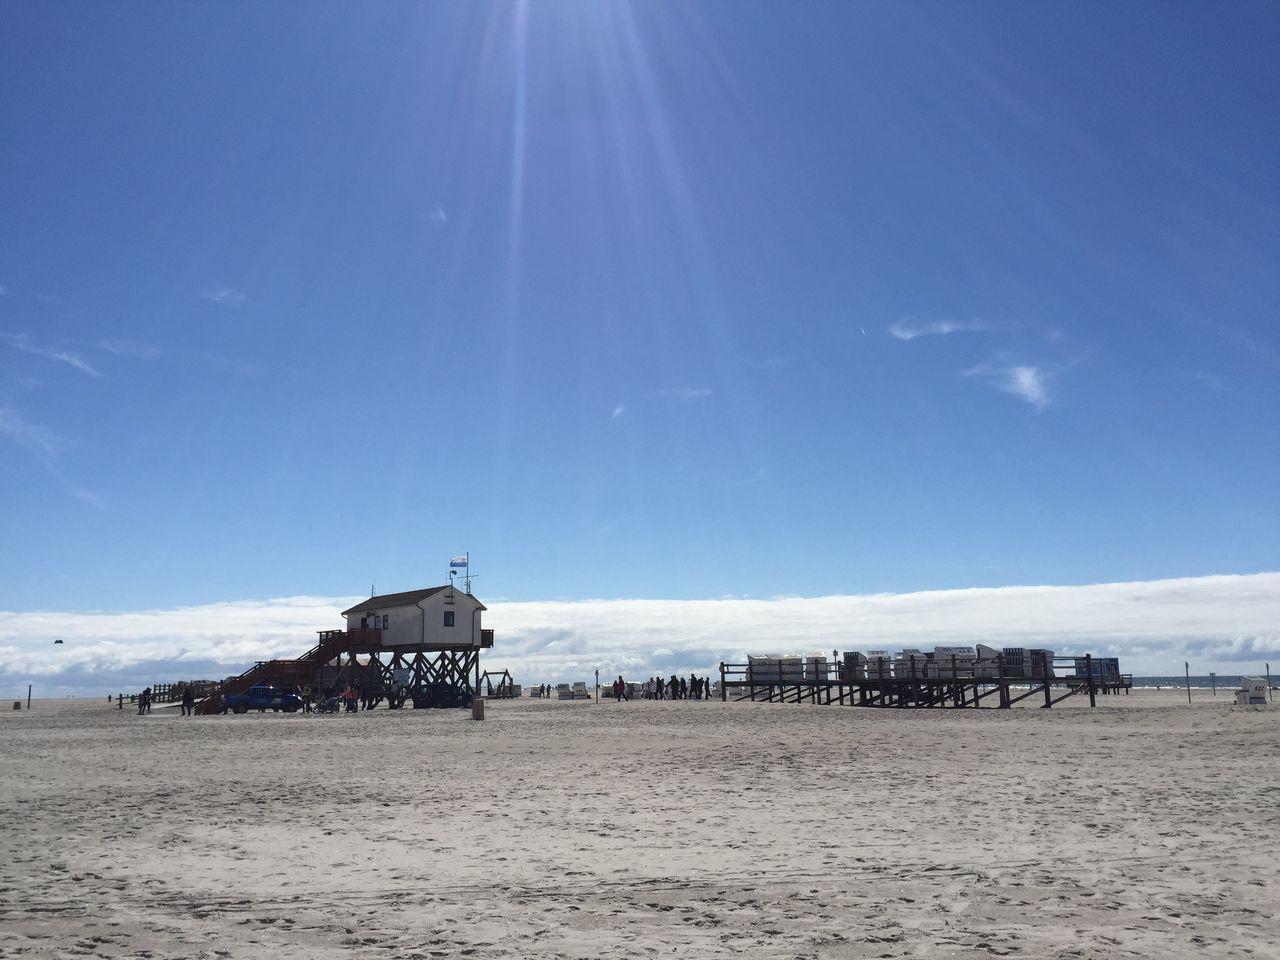 Piers On Beach Against Sky